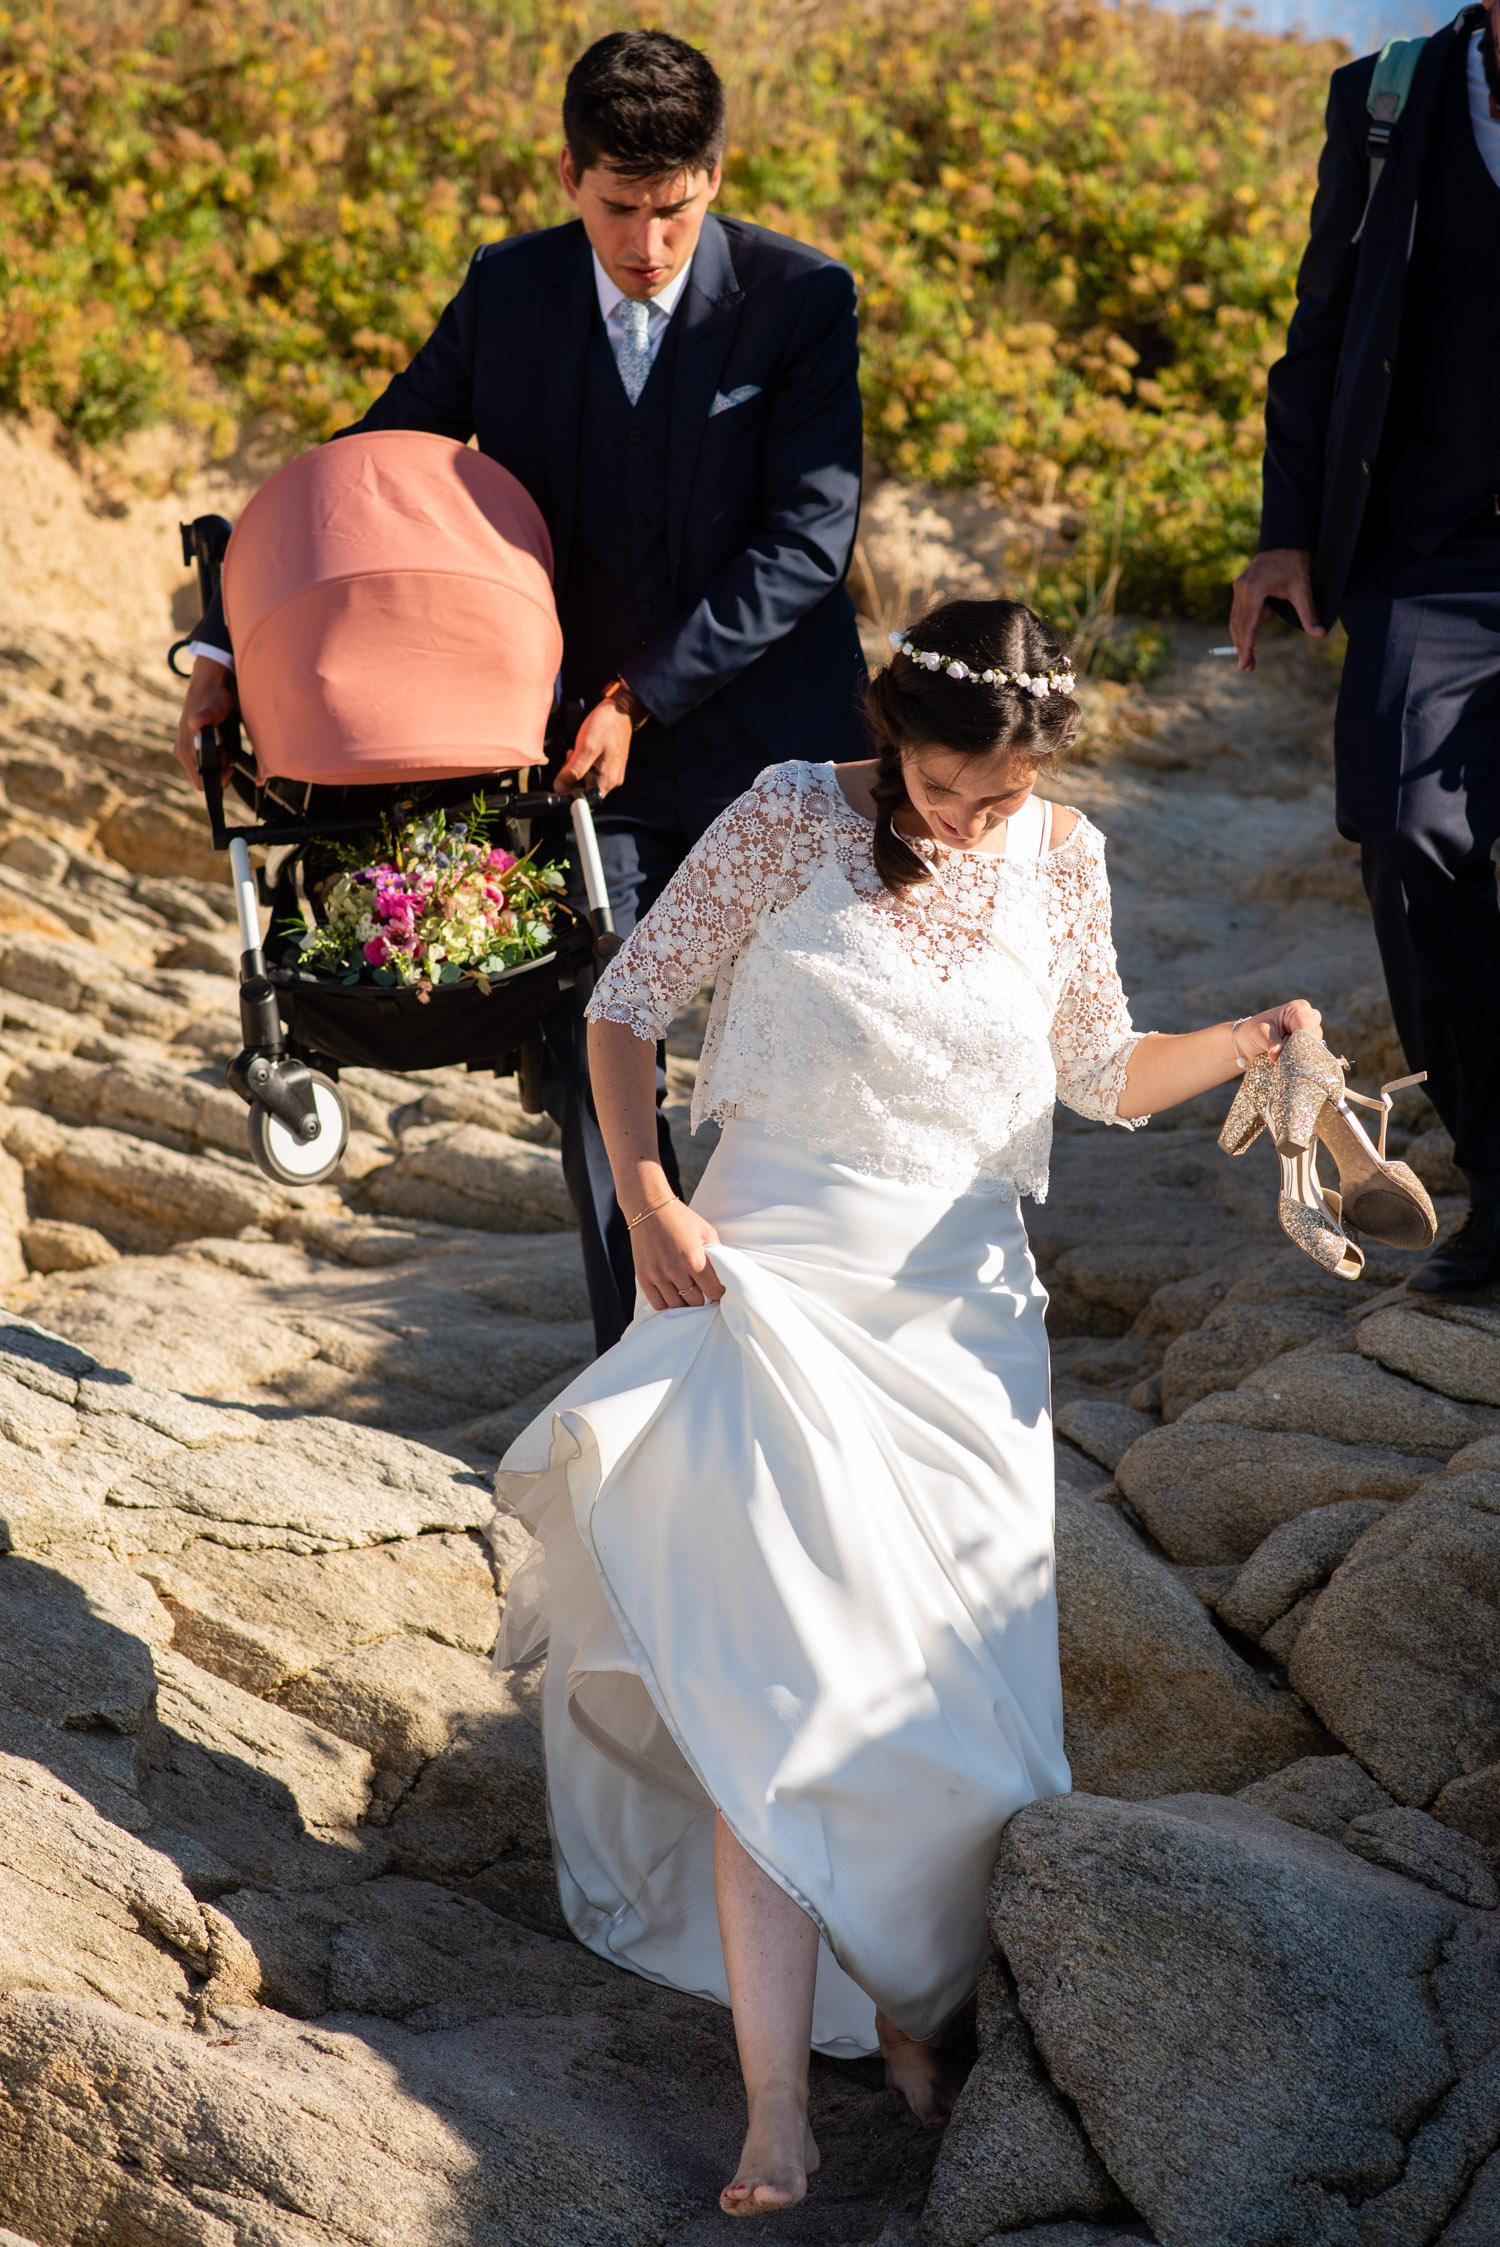 mariage, reportage mariage, mariage Quiberon, mariage Bretagne, mariage saint pierre, mariage plage, photographe mariage, photographe mariage Quiberon, photographe mariage Bretagne, photographe mariage plage